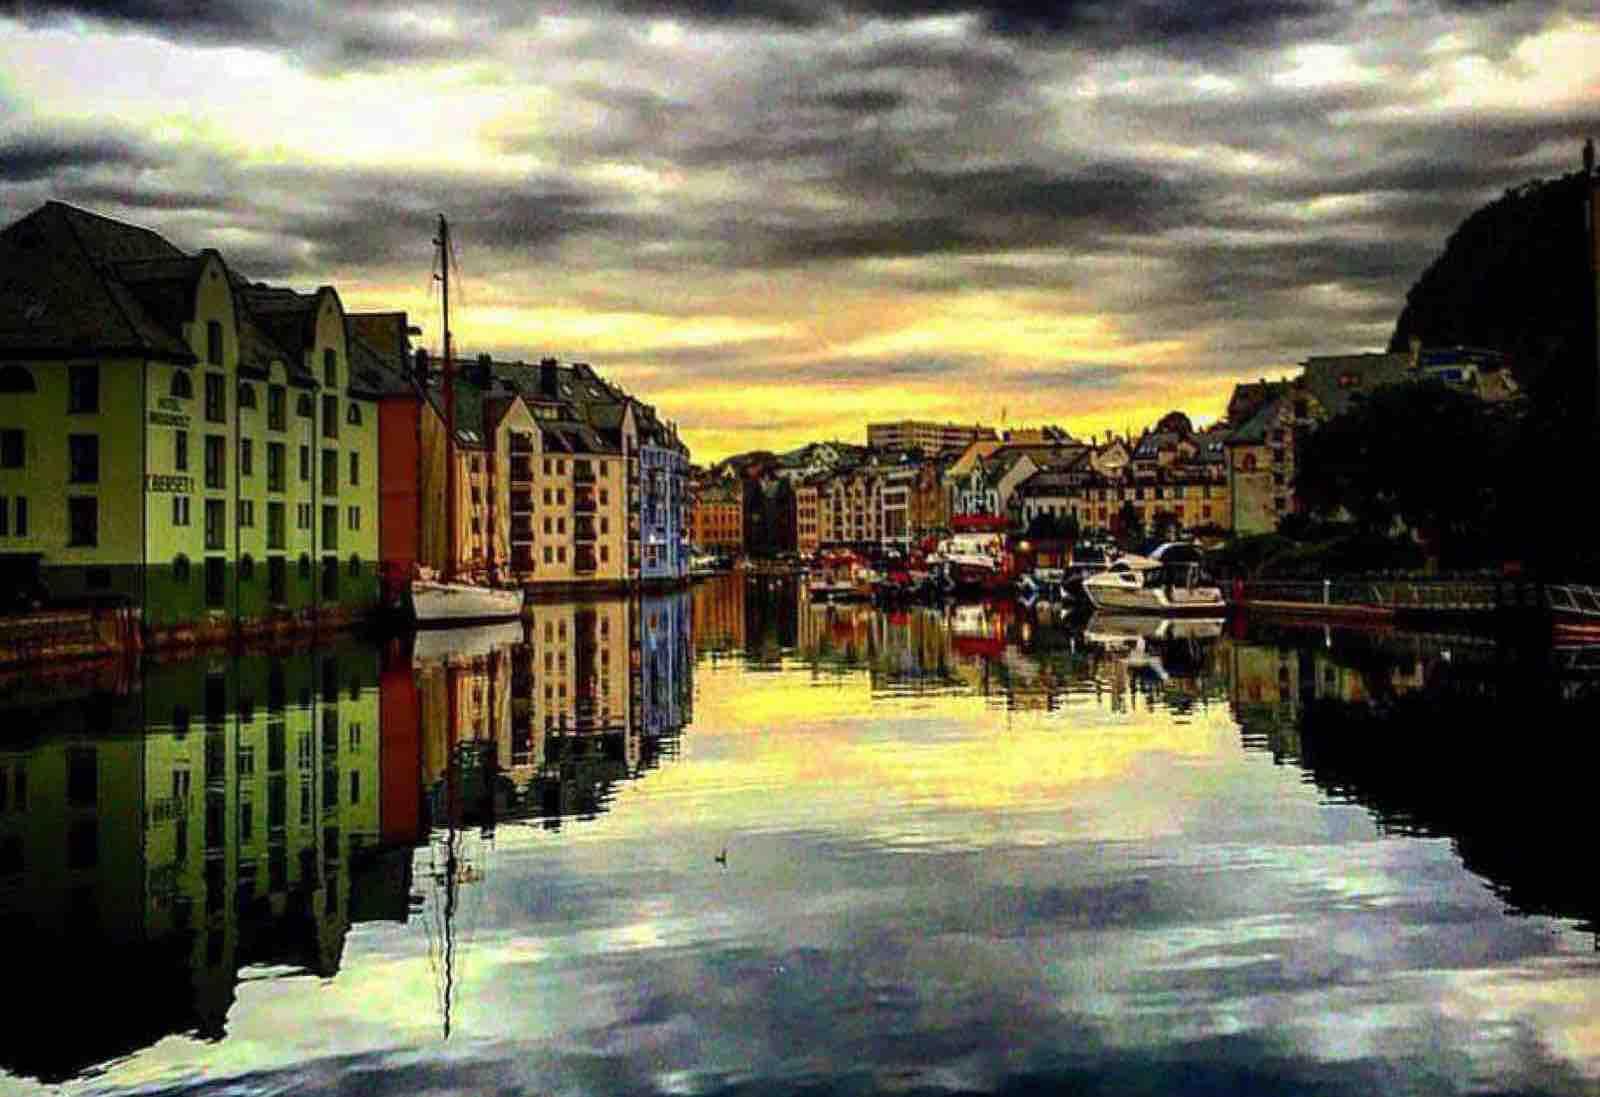 En bypatriots bekjennelse; Ja, jeg elsker Ålesund!